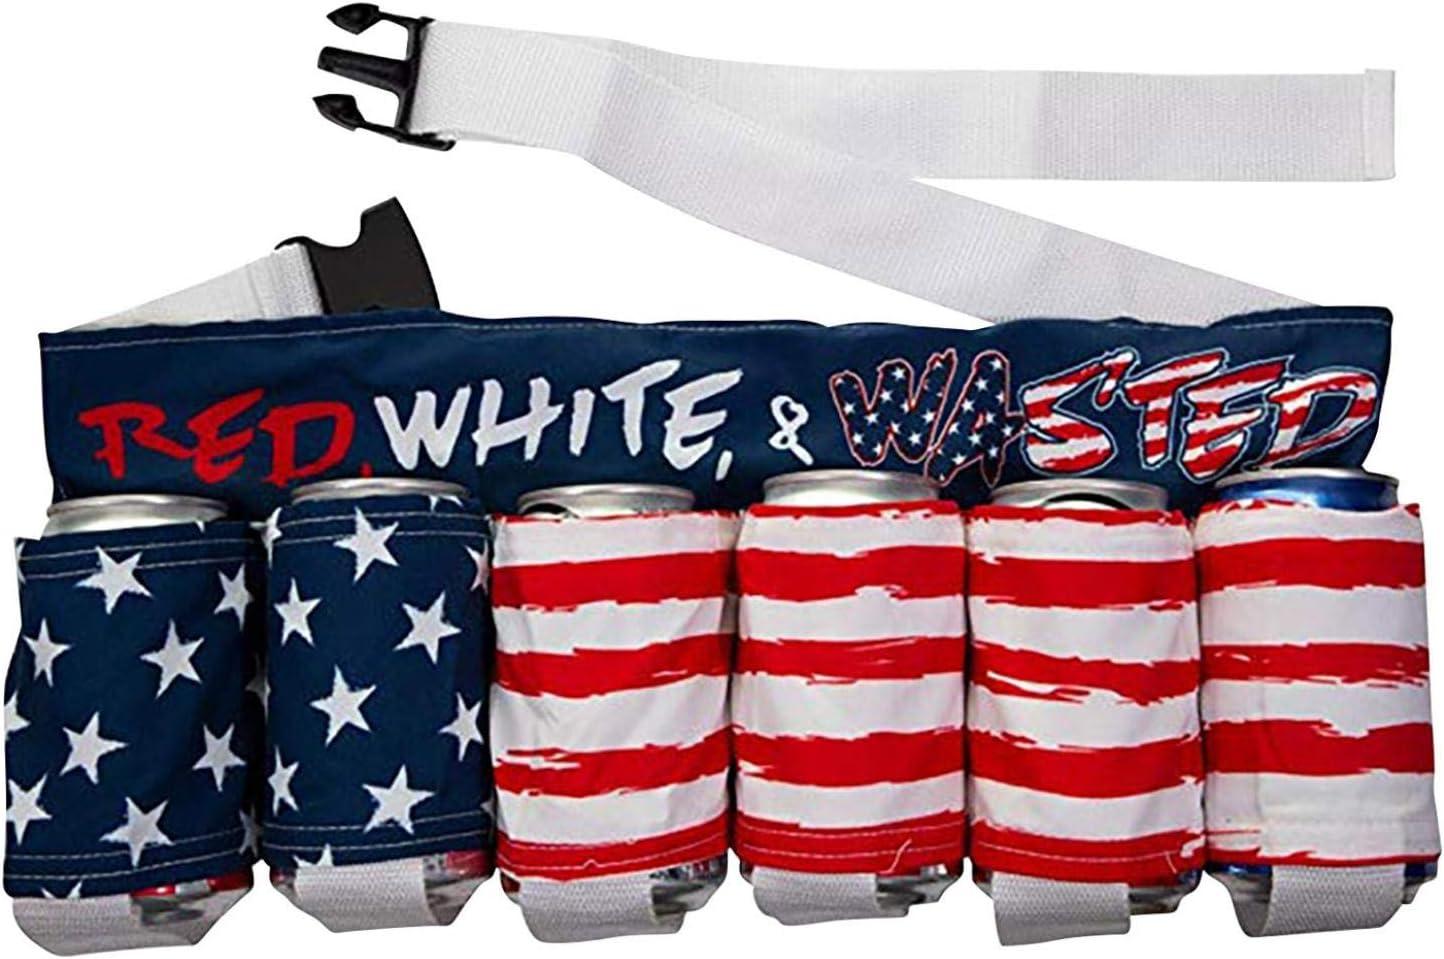 Independence Day Themed Beer Belt, Bottle Can Holder Drink Holder Beverage Belt for 6 Cold Beers Oxford Cloth Drink Belt with Adjustable Waist Strap Zipper Pocket for Parties, Camping, Barbeque (C)